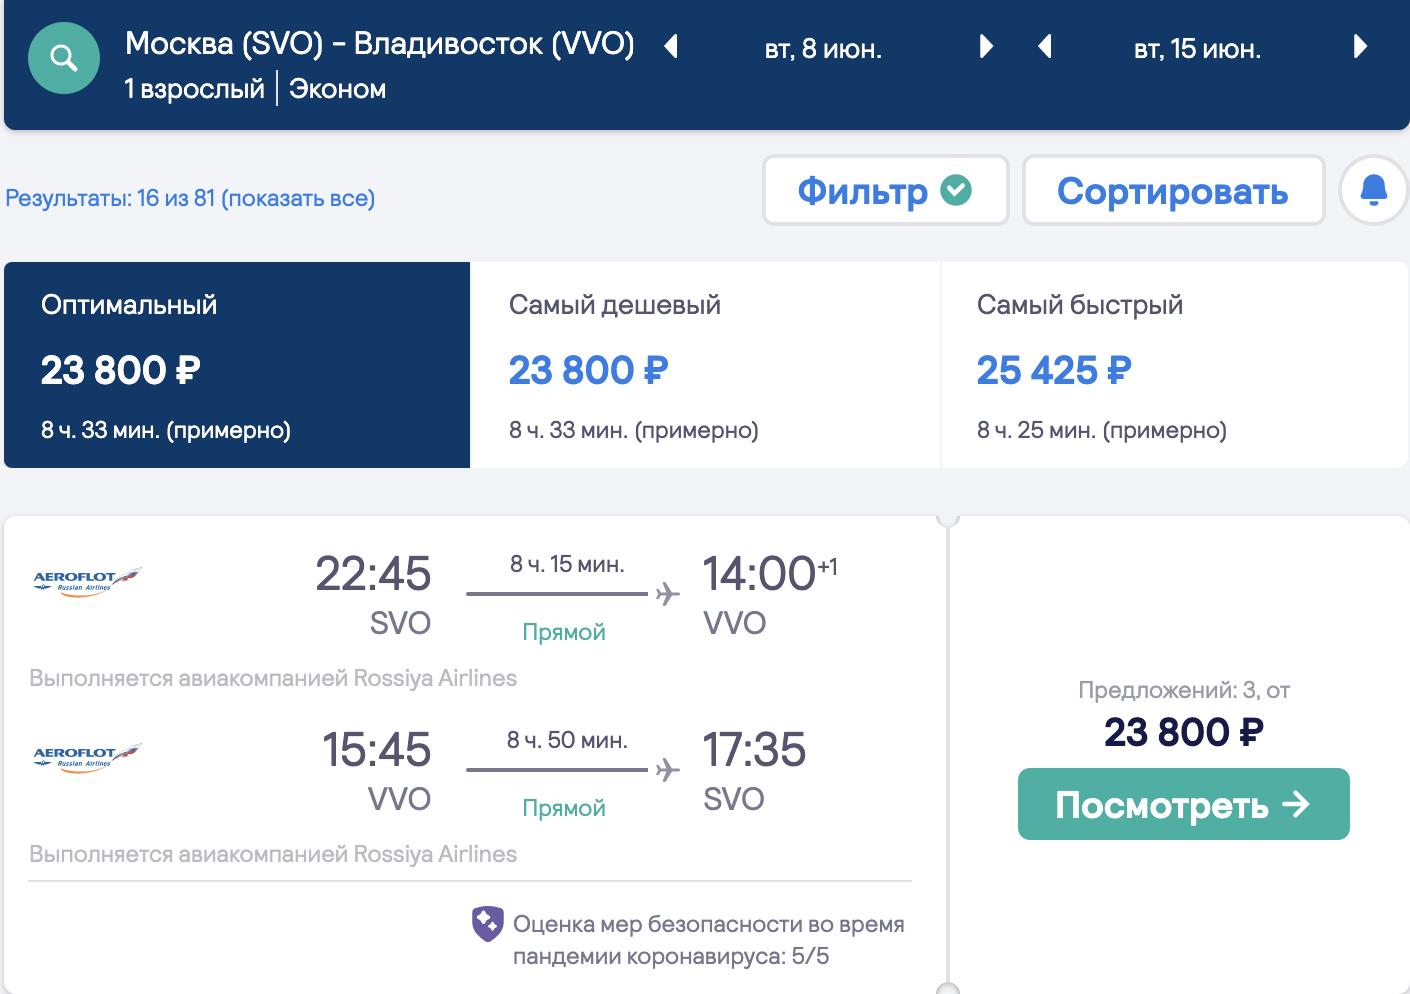 Уже традиция: Аэрофлотом из Москвы на Дальний Восток: Сахалин, Камчатка, Владивосток, Хабаровск за 23800₽ туда-обратно